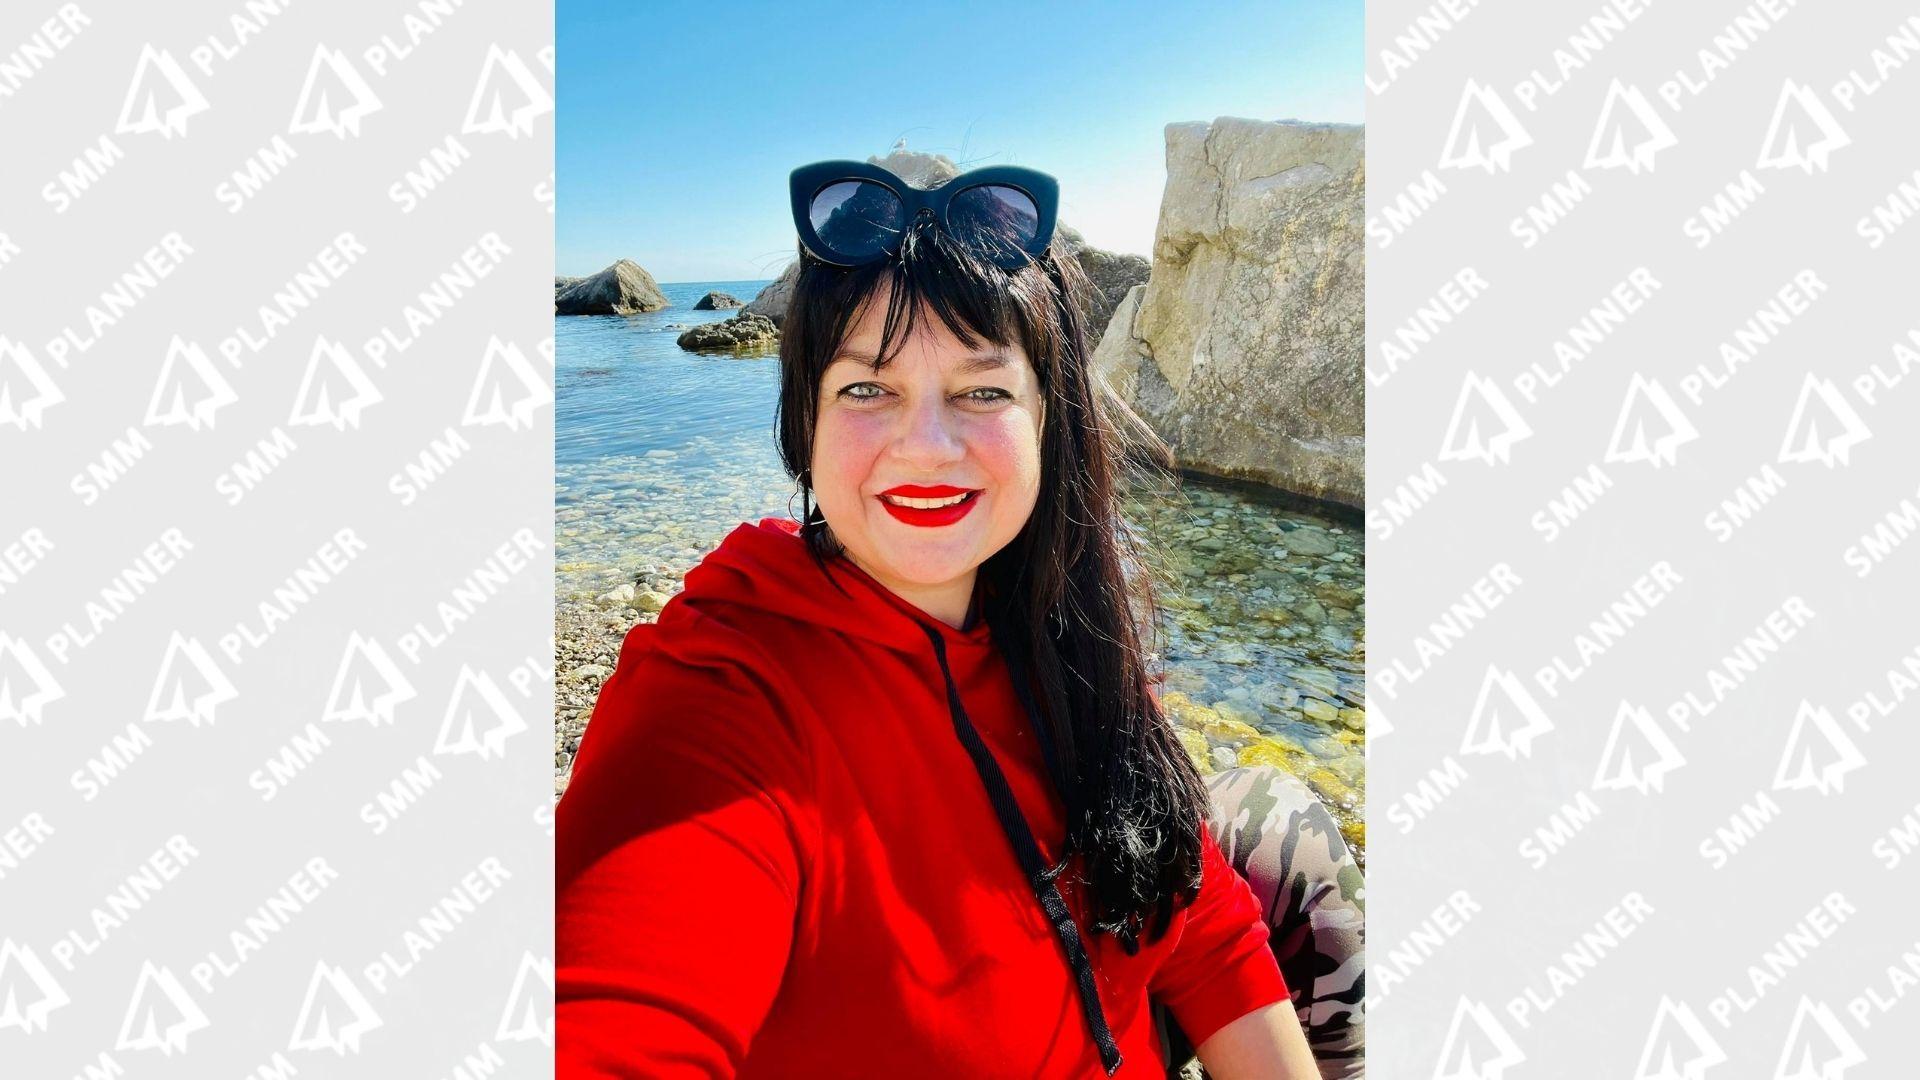 Риэлтор Алина Степанова 100 % заявок получает из соцсетей